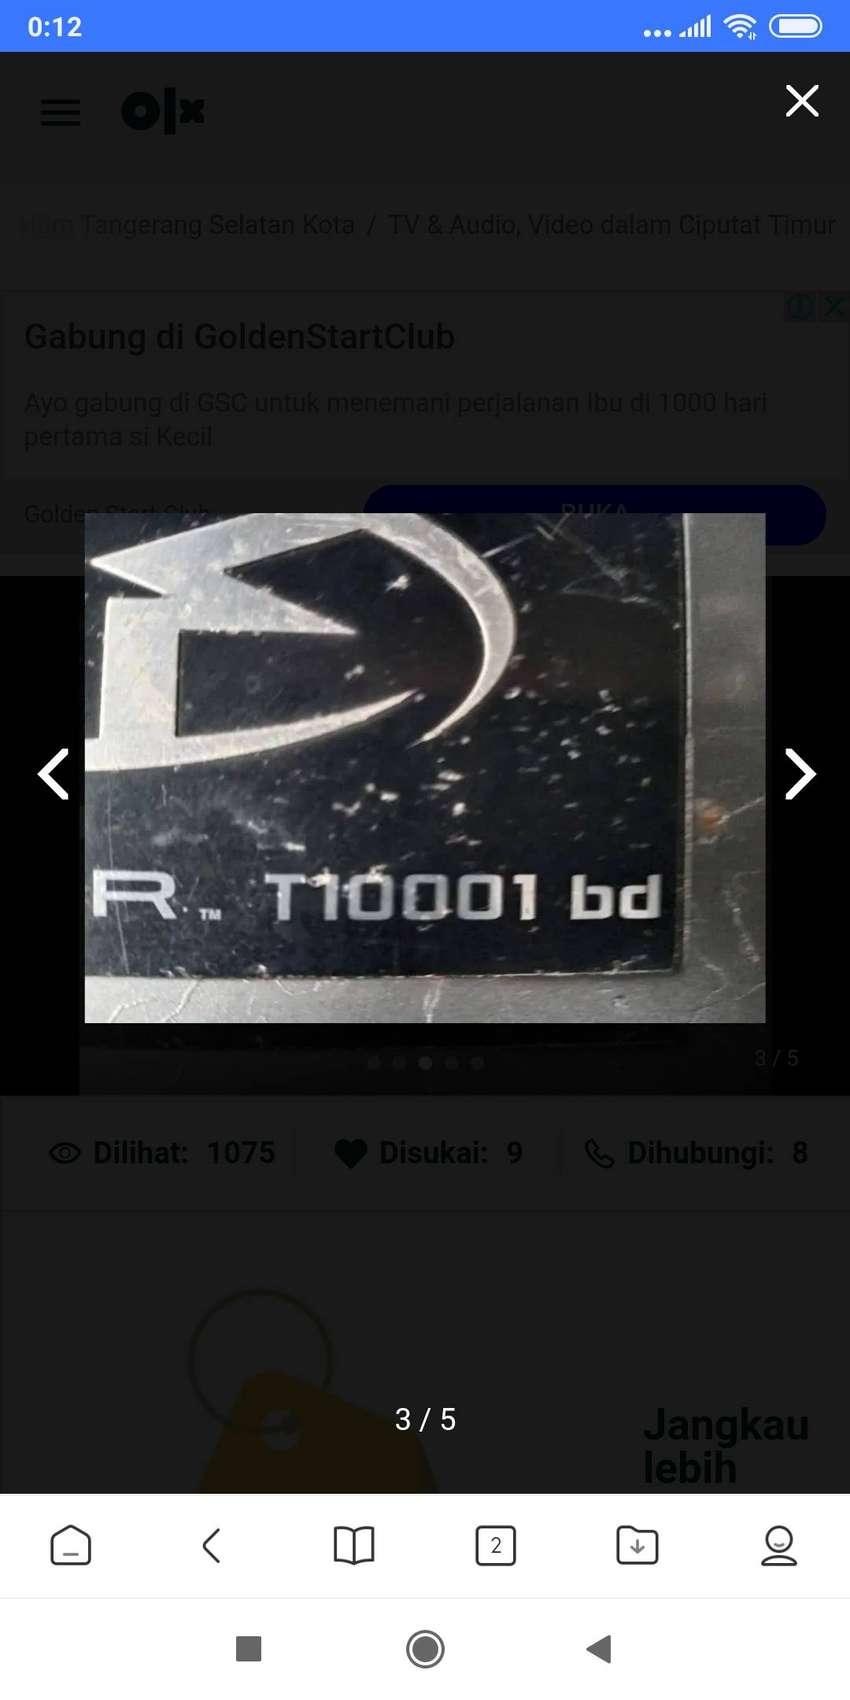 ROCKFORD MONOBLOCK BD 1000 0